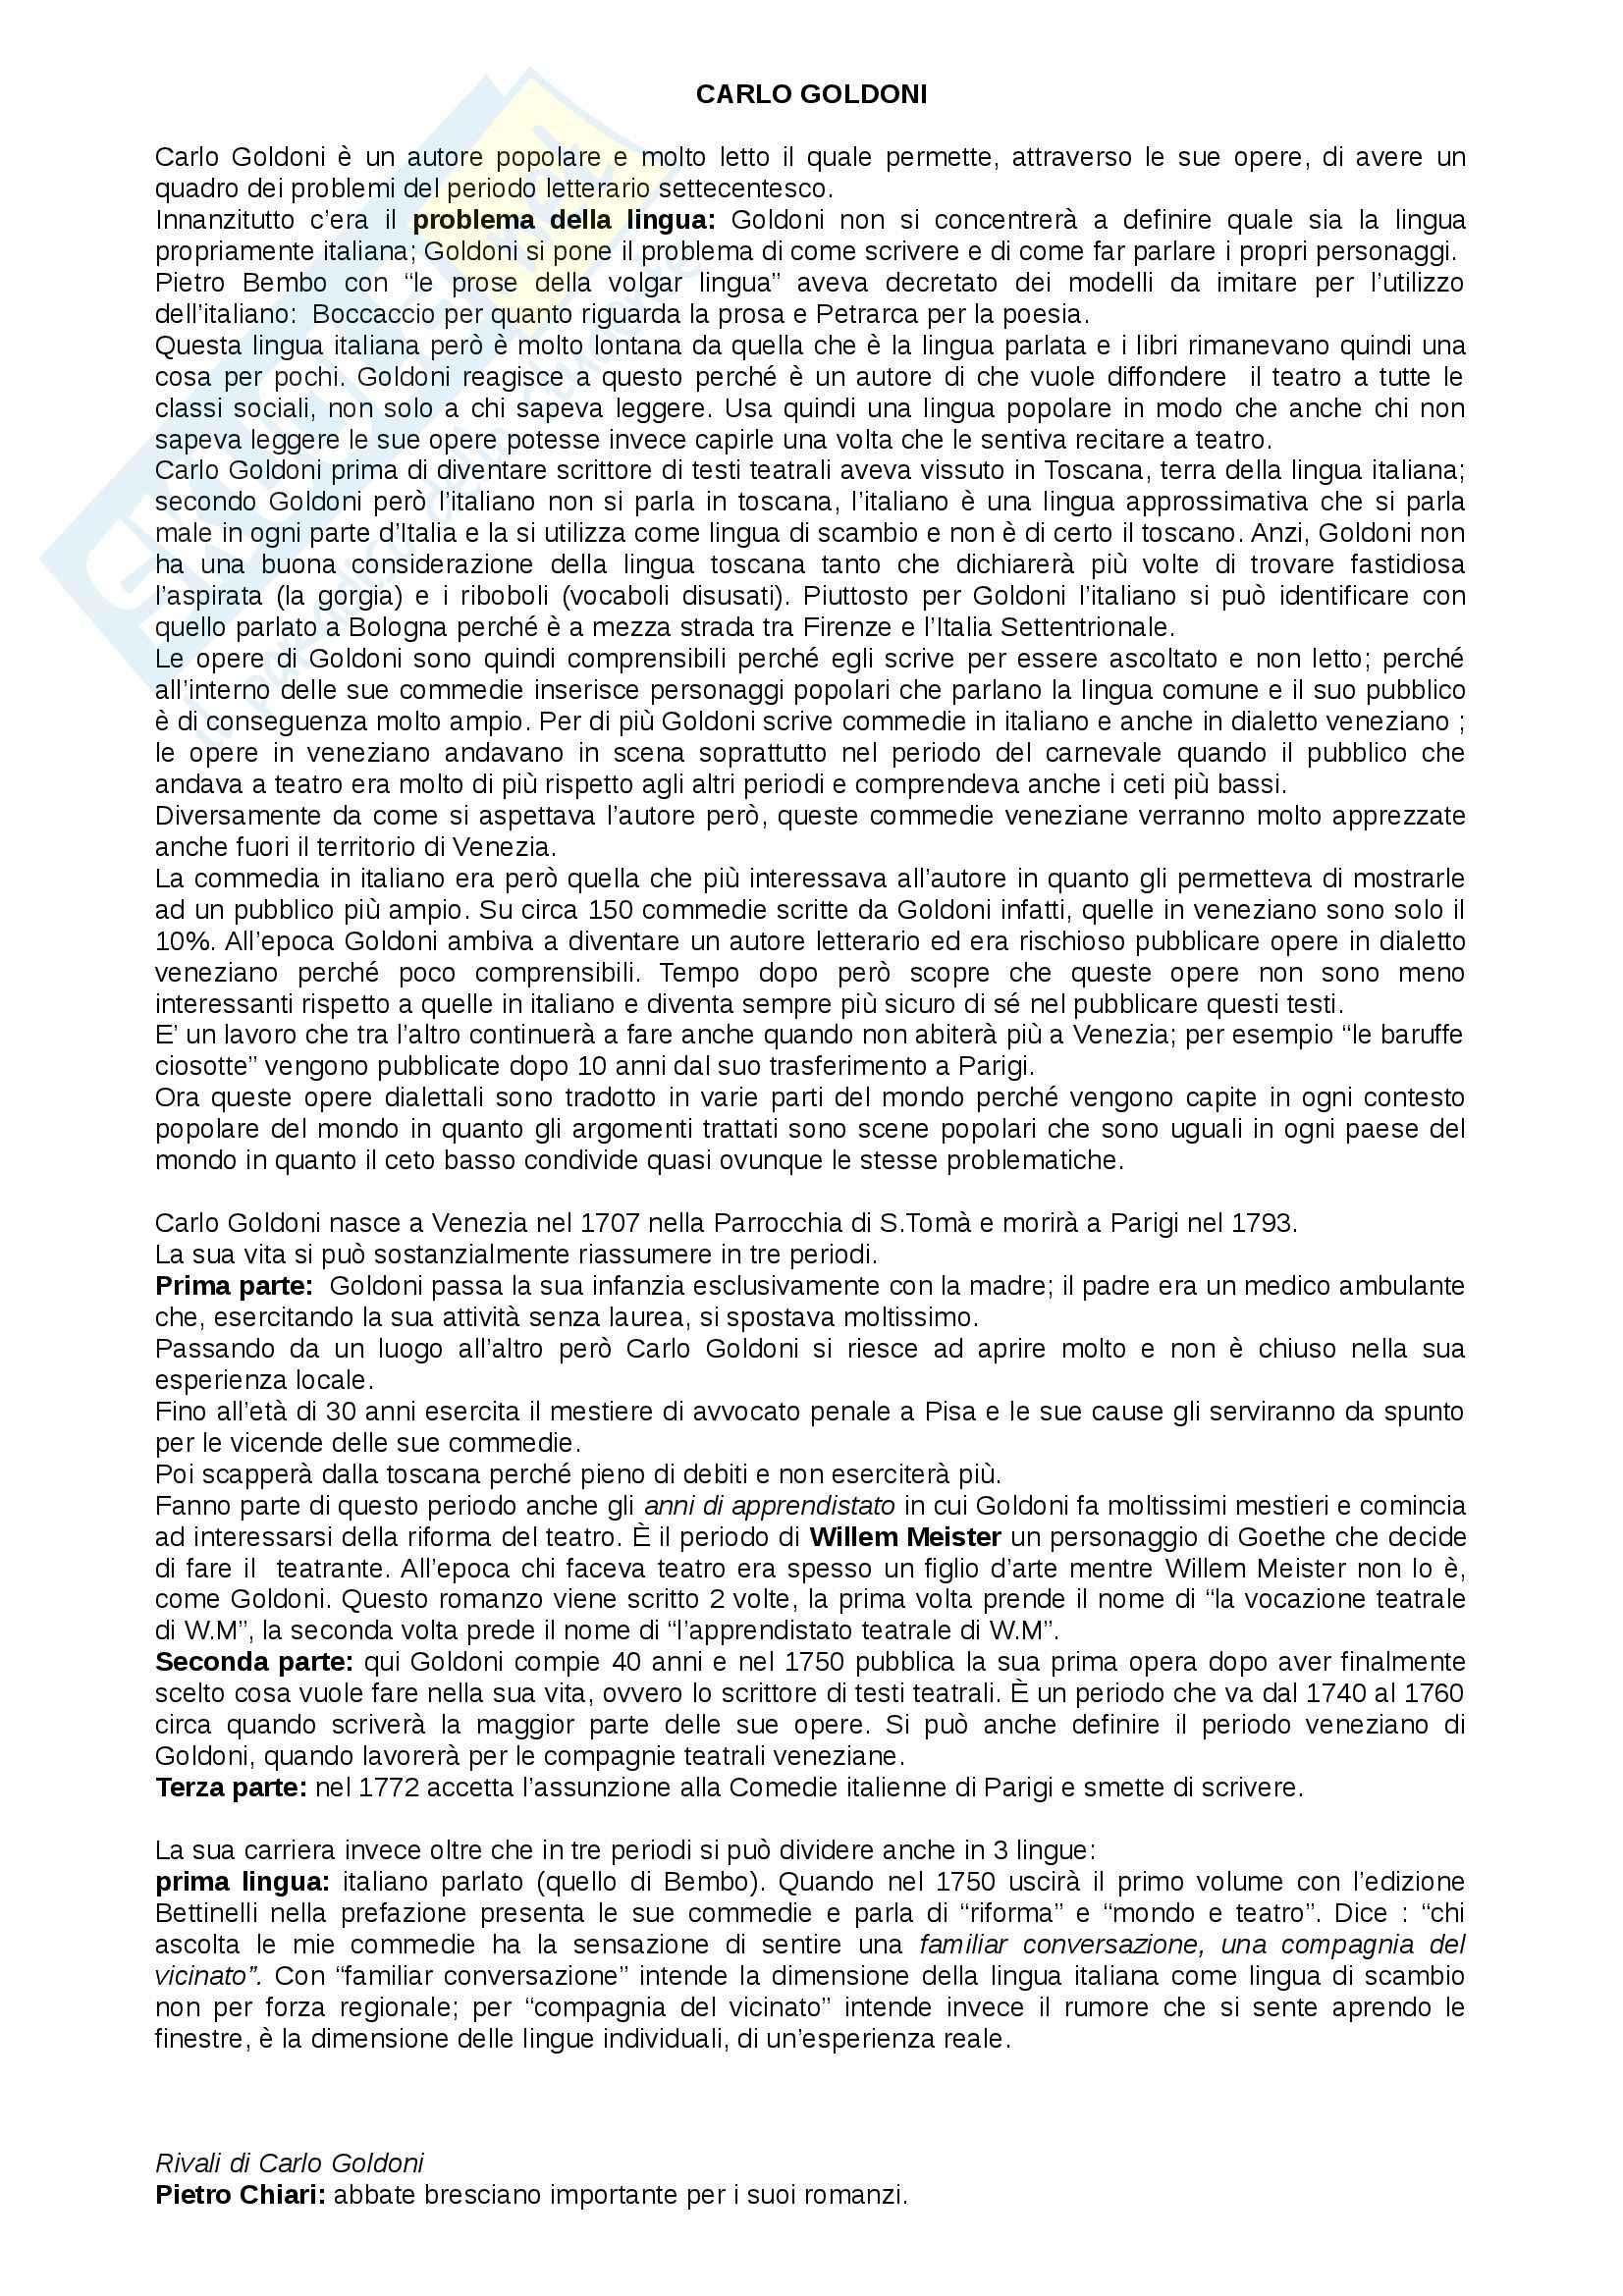 Letteratura italiana - Goldoni e opere